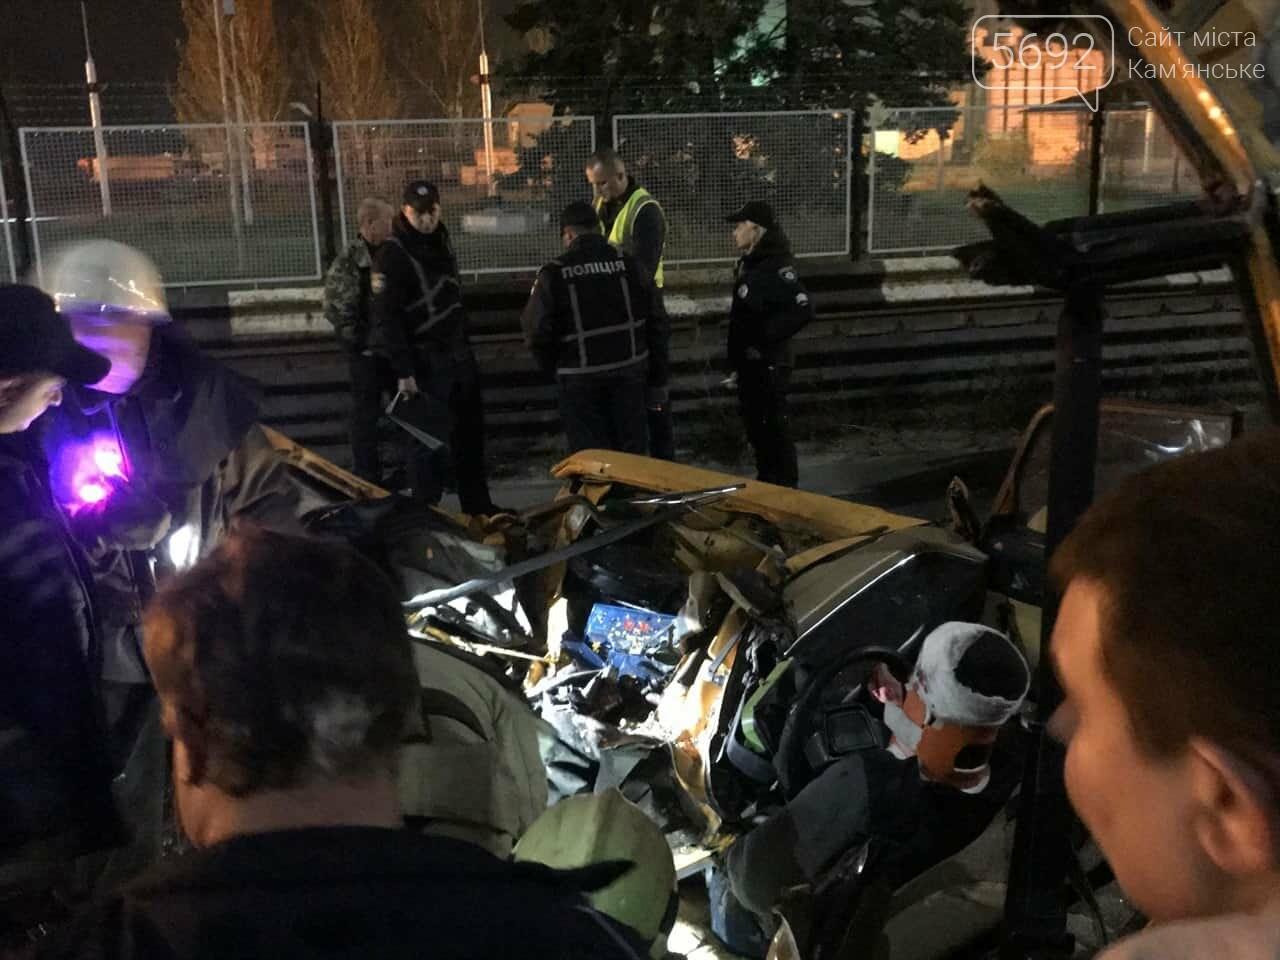 В Каменском на плотине произошло жесткое ДТП: пострадавшего из автомобиля вырезали спасатели, фото-3